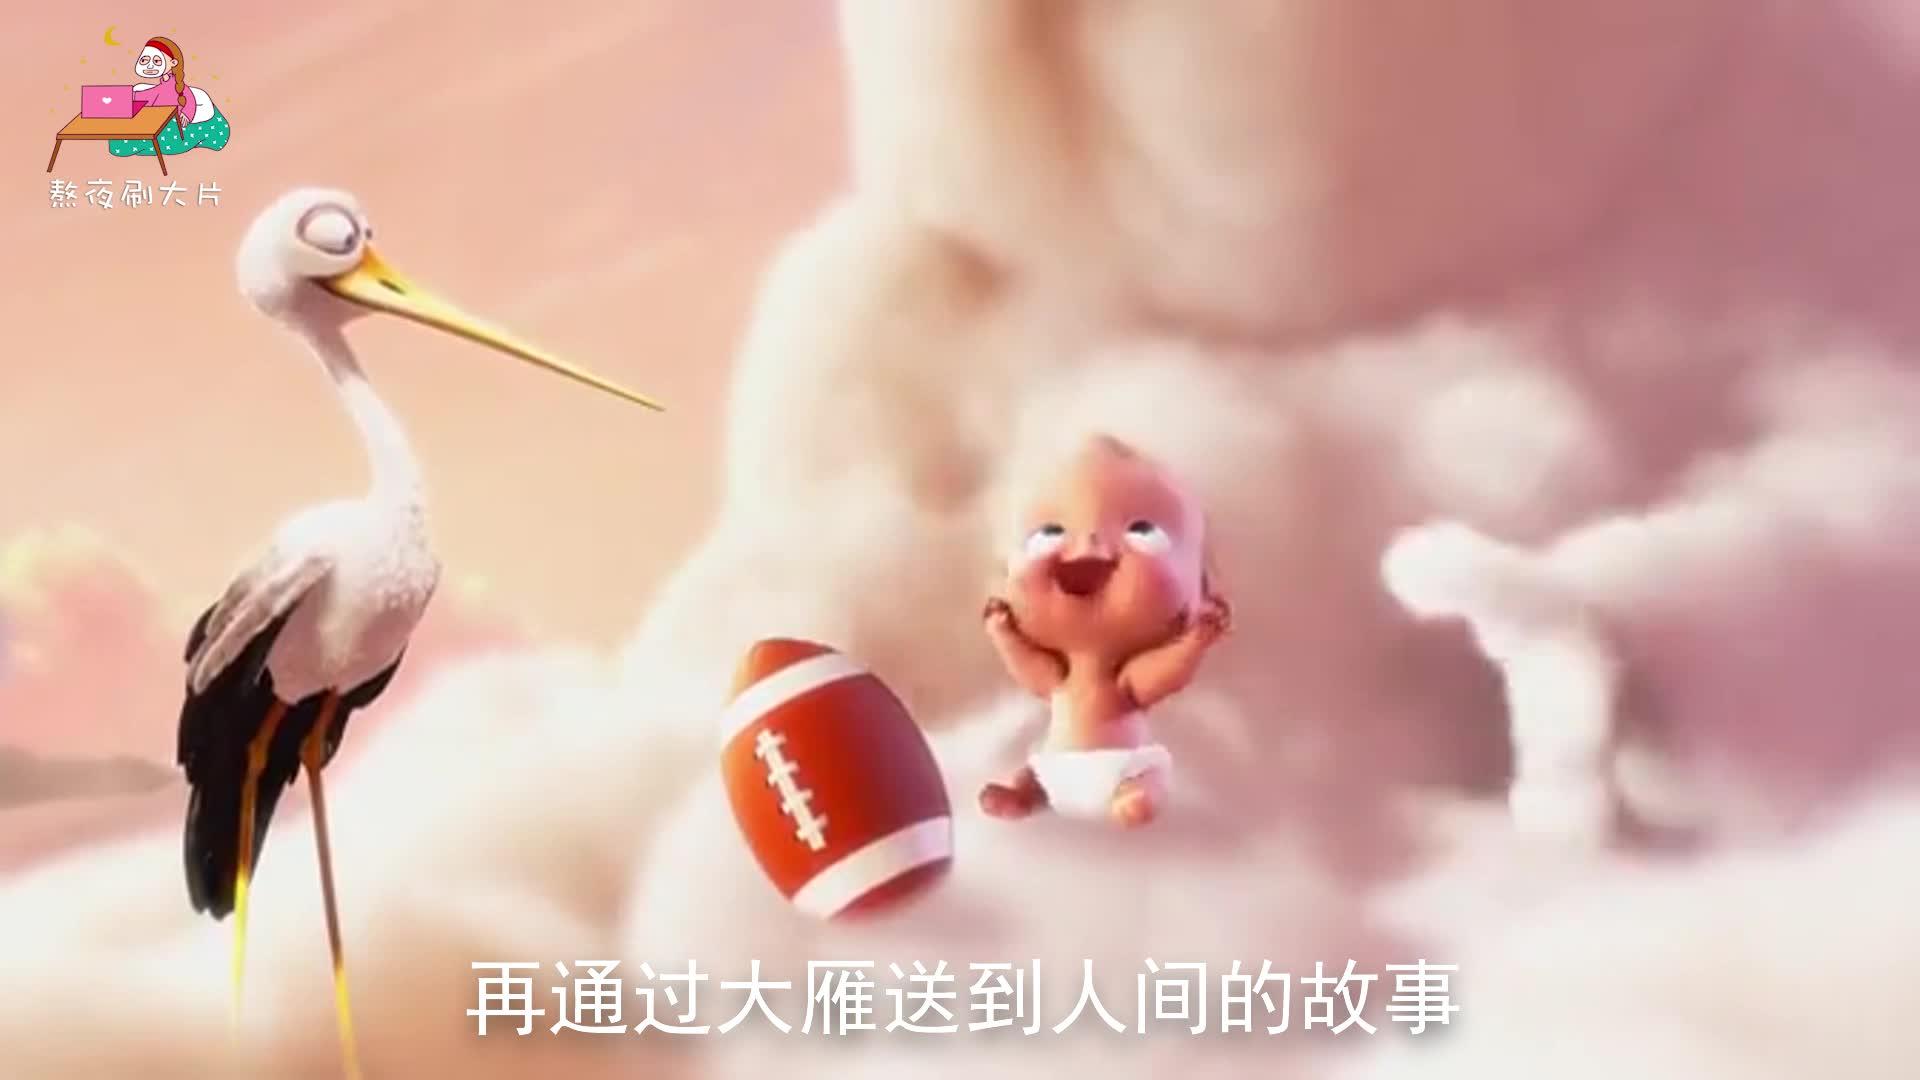 #追剧不能停#几分钟看高分动画《暴力云与送子鹳》